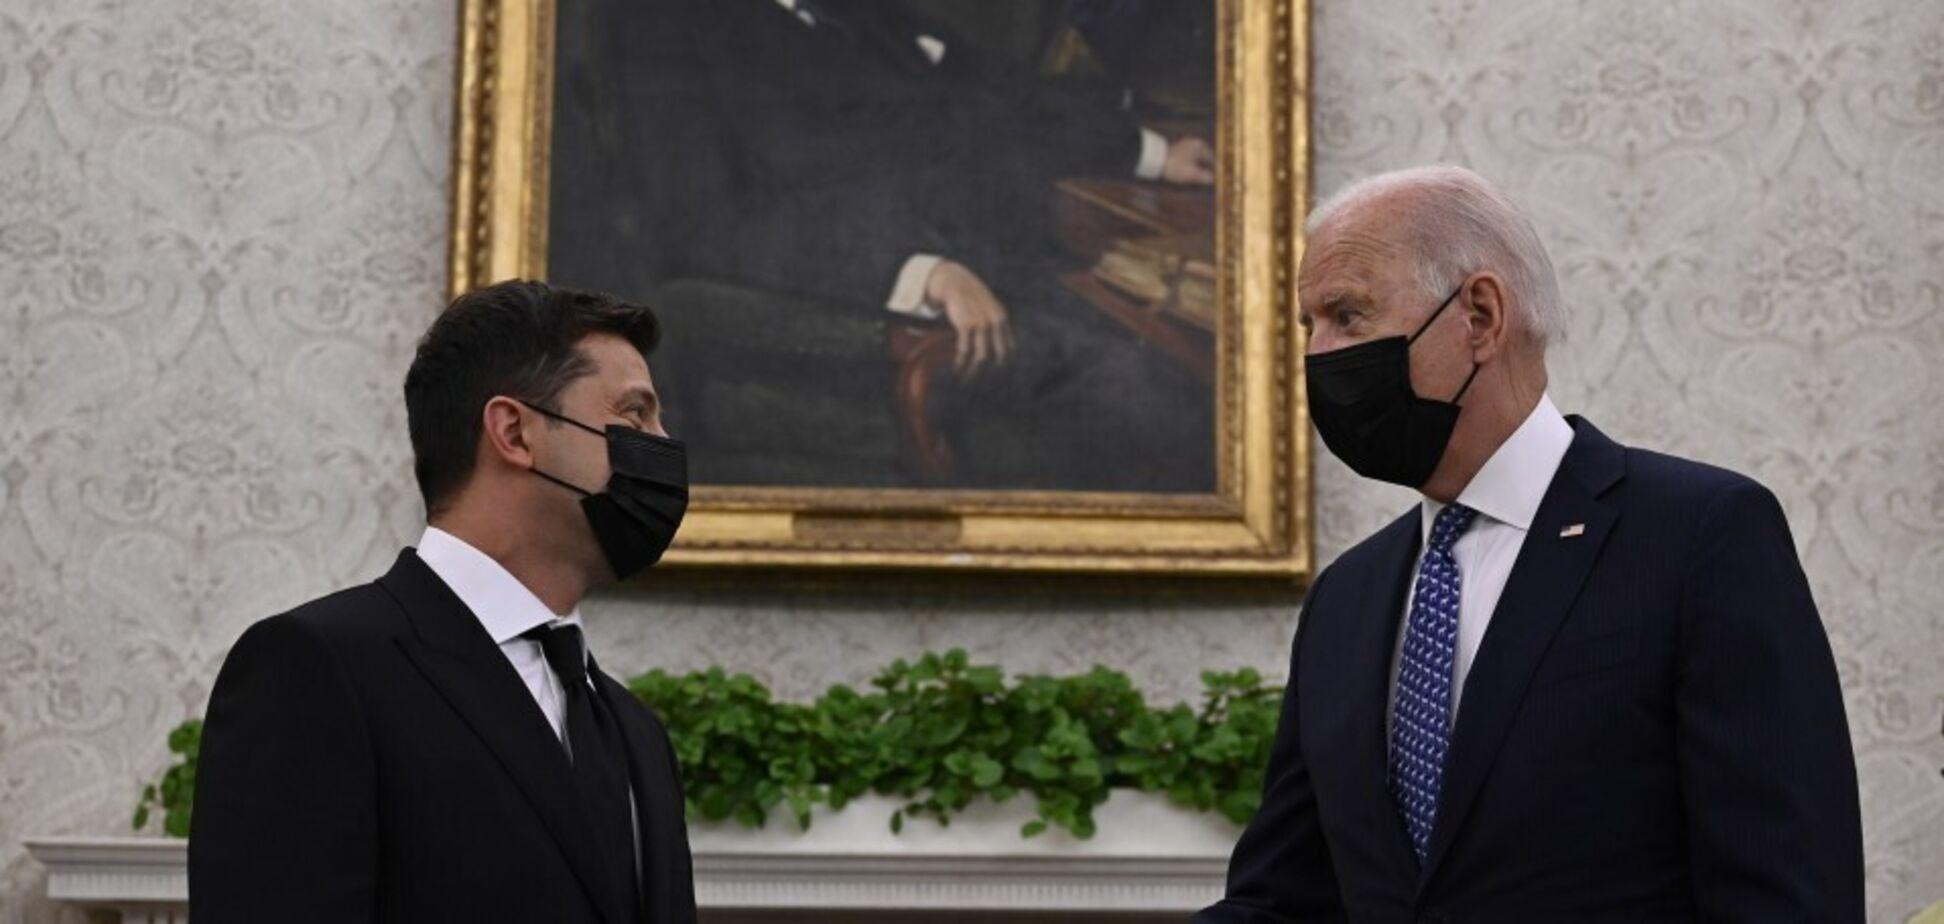 Україна запропонувала США створити зону вільної торгівлі, – Кулеба